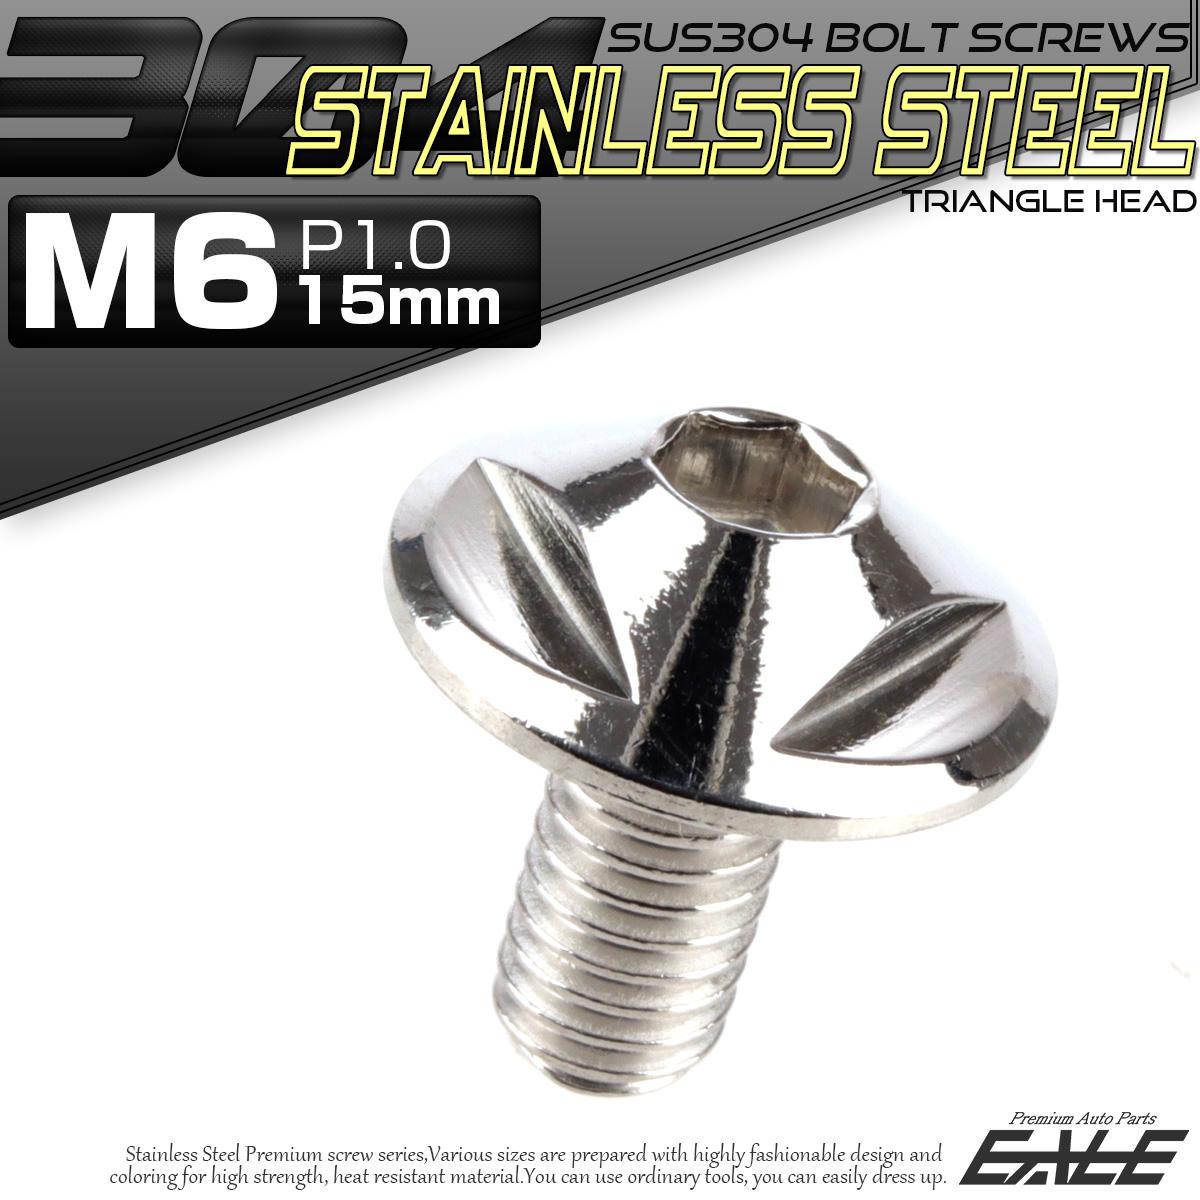 【ネコポス可】 SUS304 フランジ付 ボタンボルト M6×15mm P1.0 六角穴  シルバー トライアングルヘッド ステンレス製  TR0136